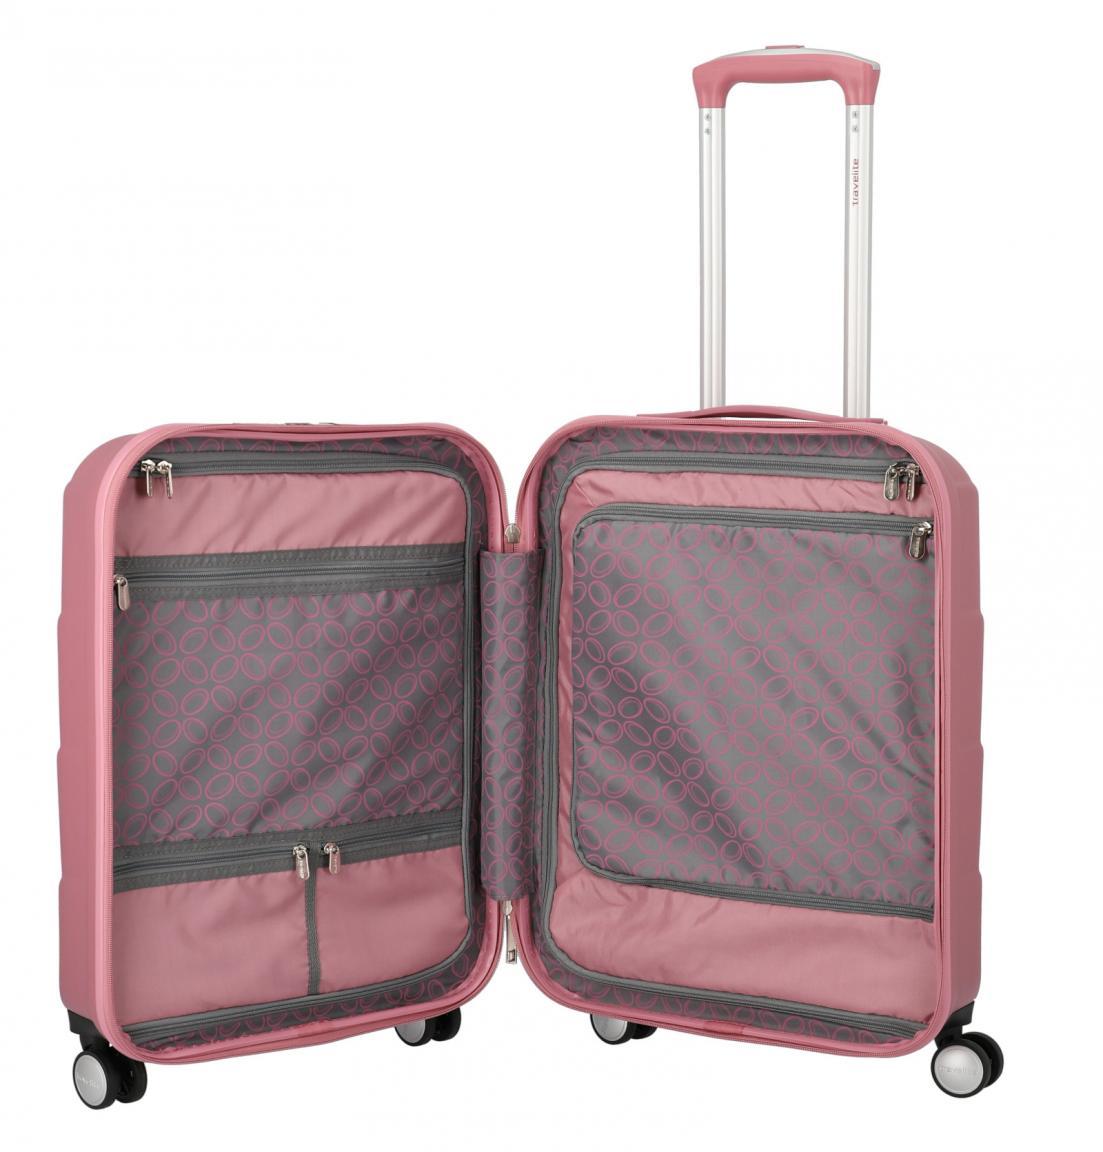 Kabinentrolley Travelite Kalisto S Rose pink Hartschale 55cm